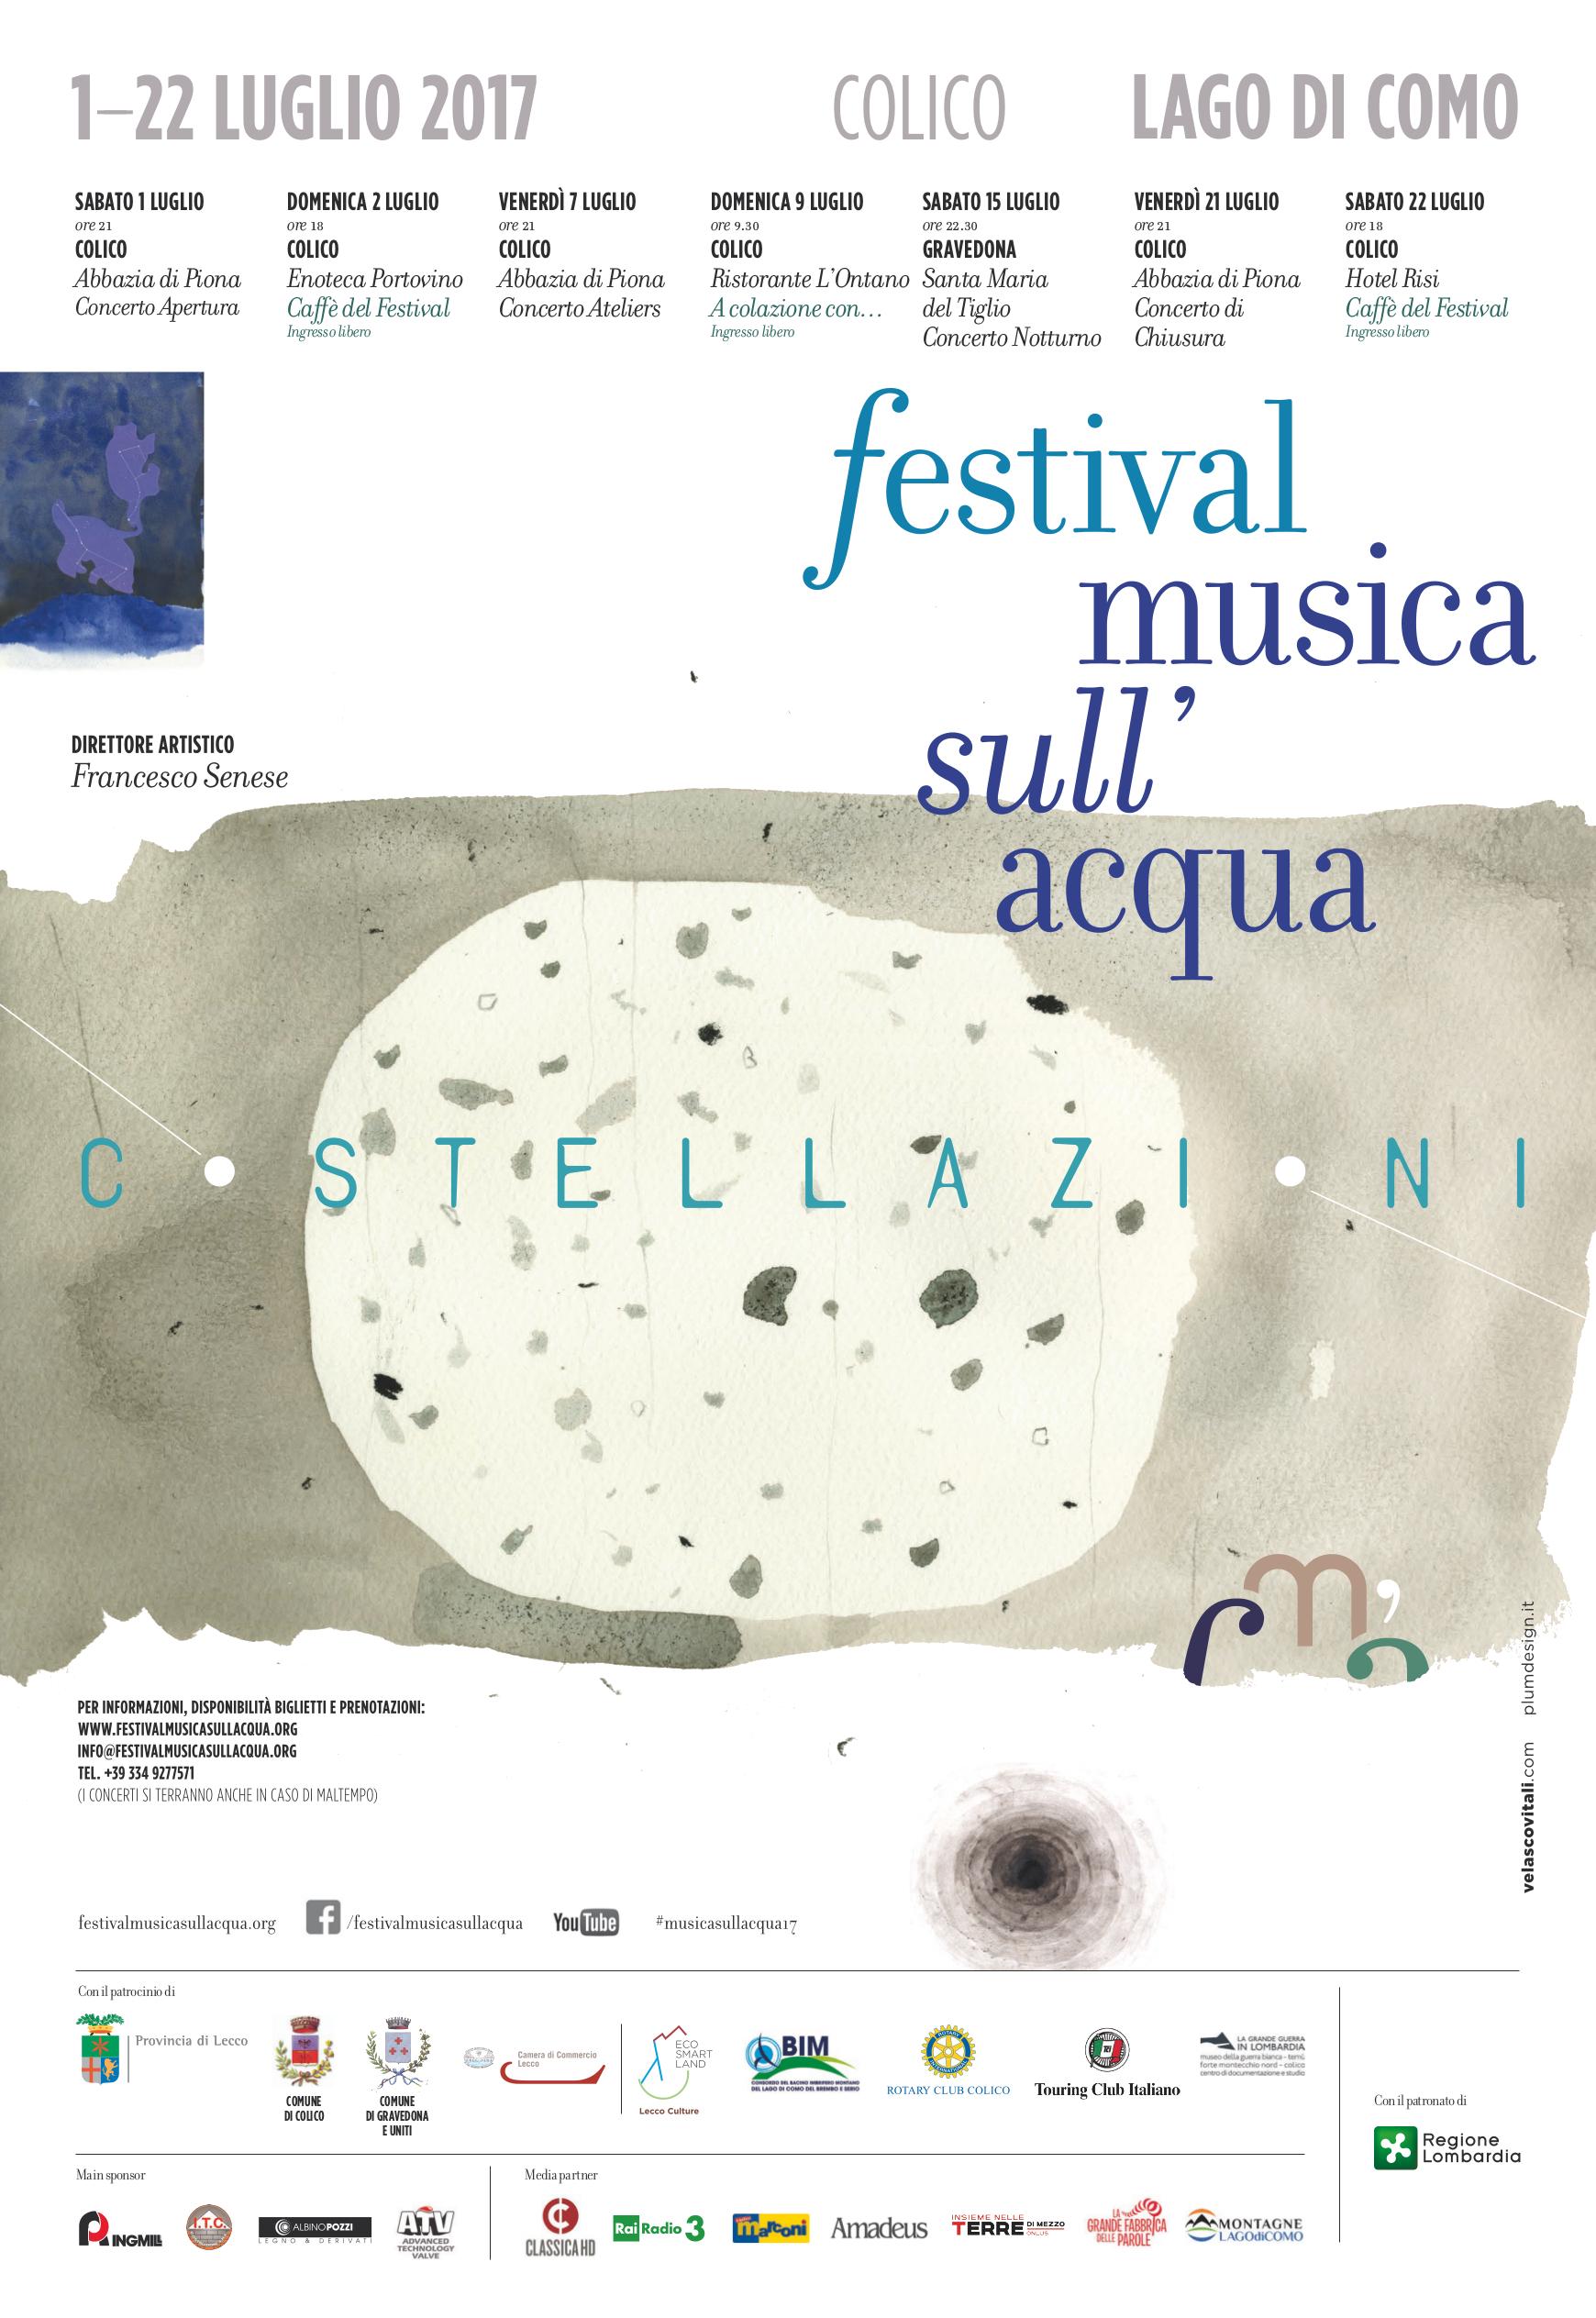 Festival Musica sull'Acqua 2017 a Colico